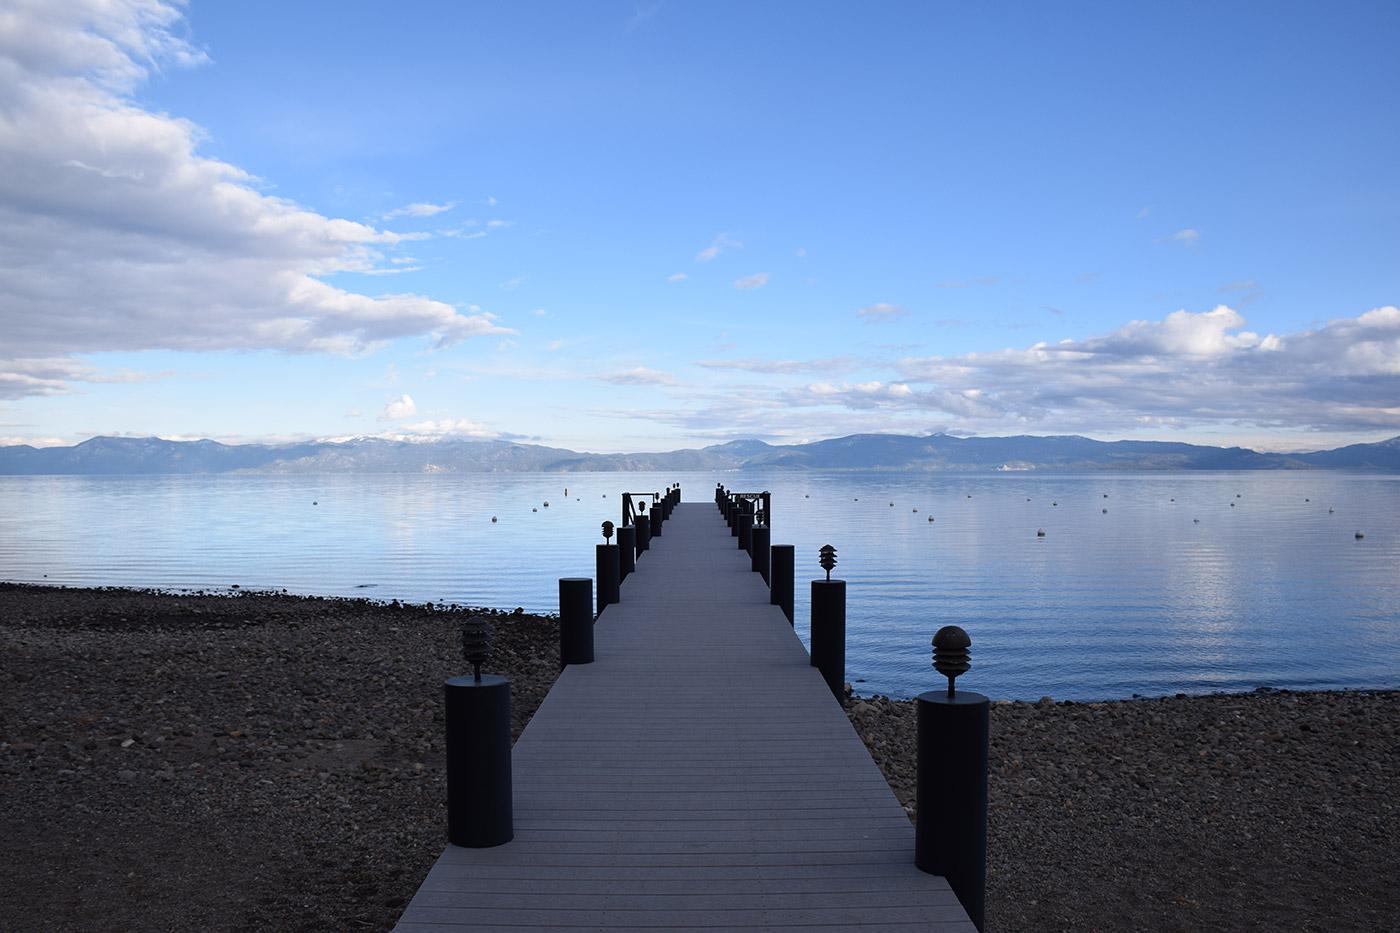 lake-tahoe-dock-blue-water.jpg